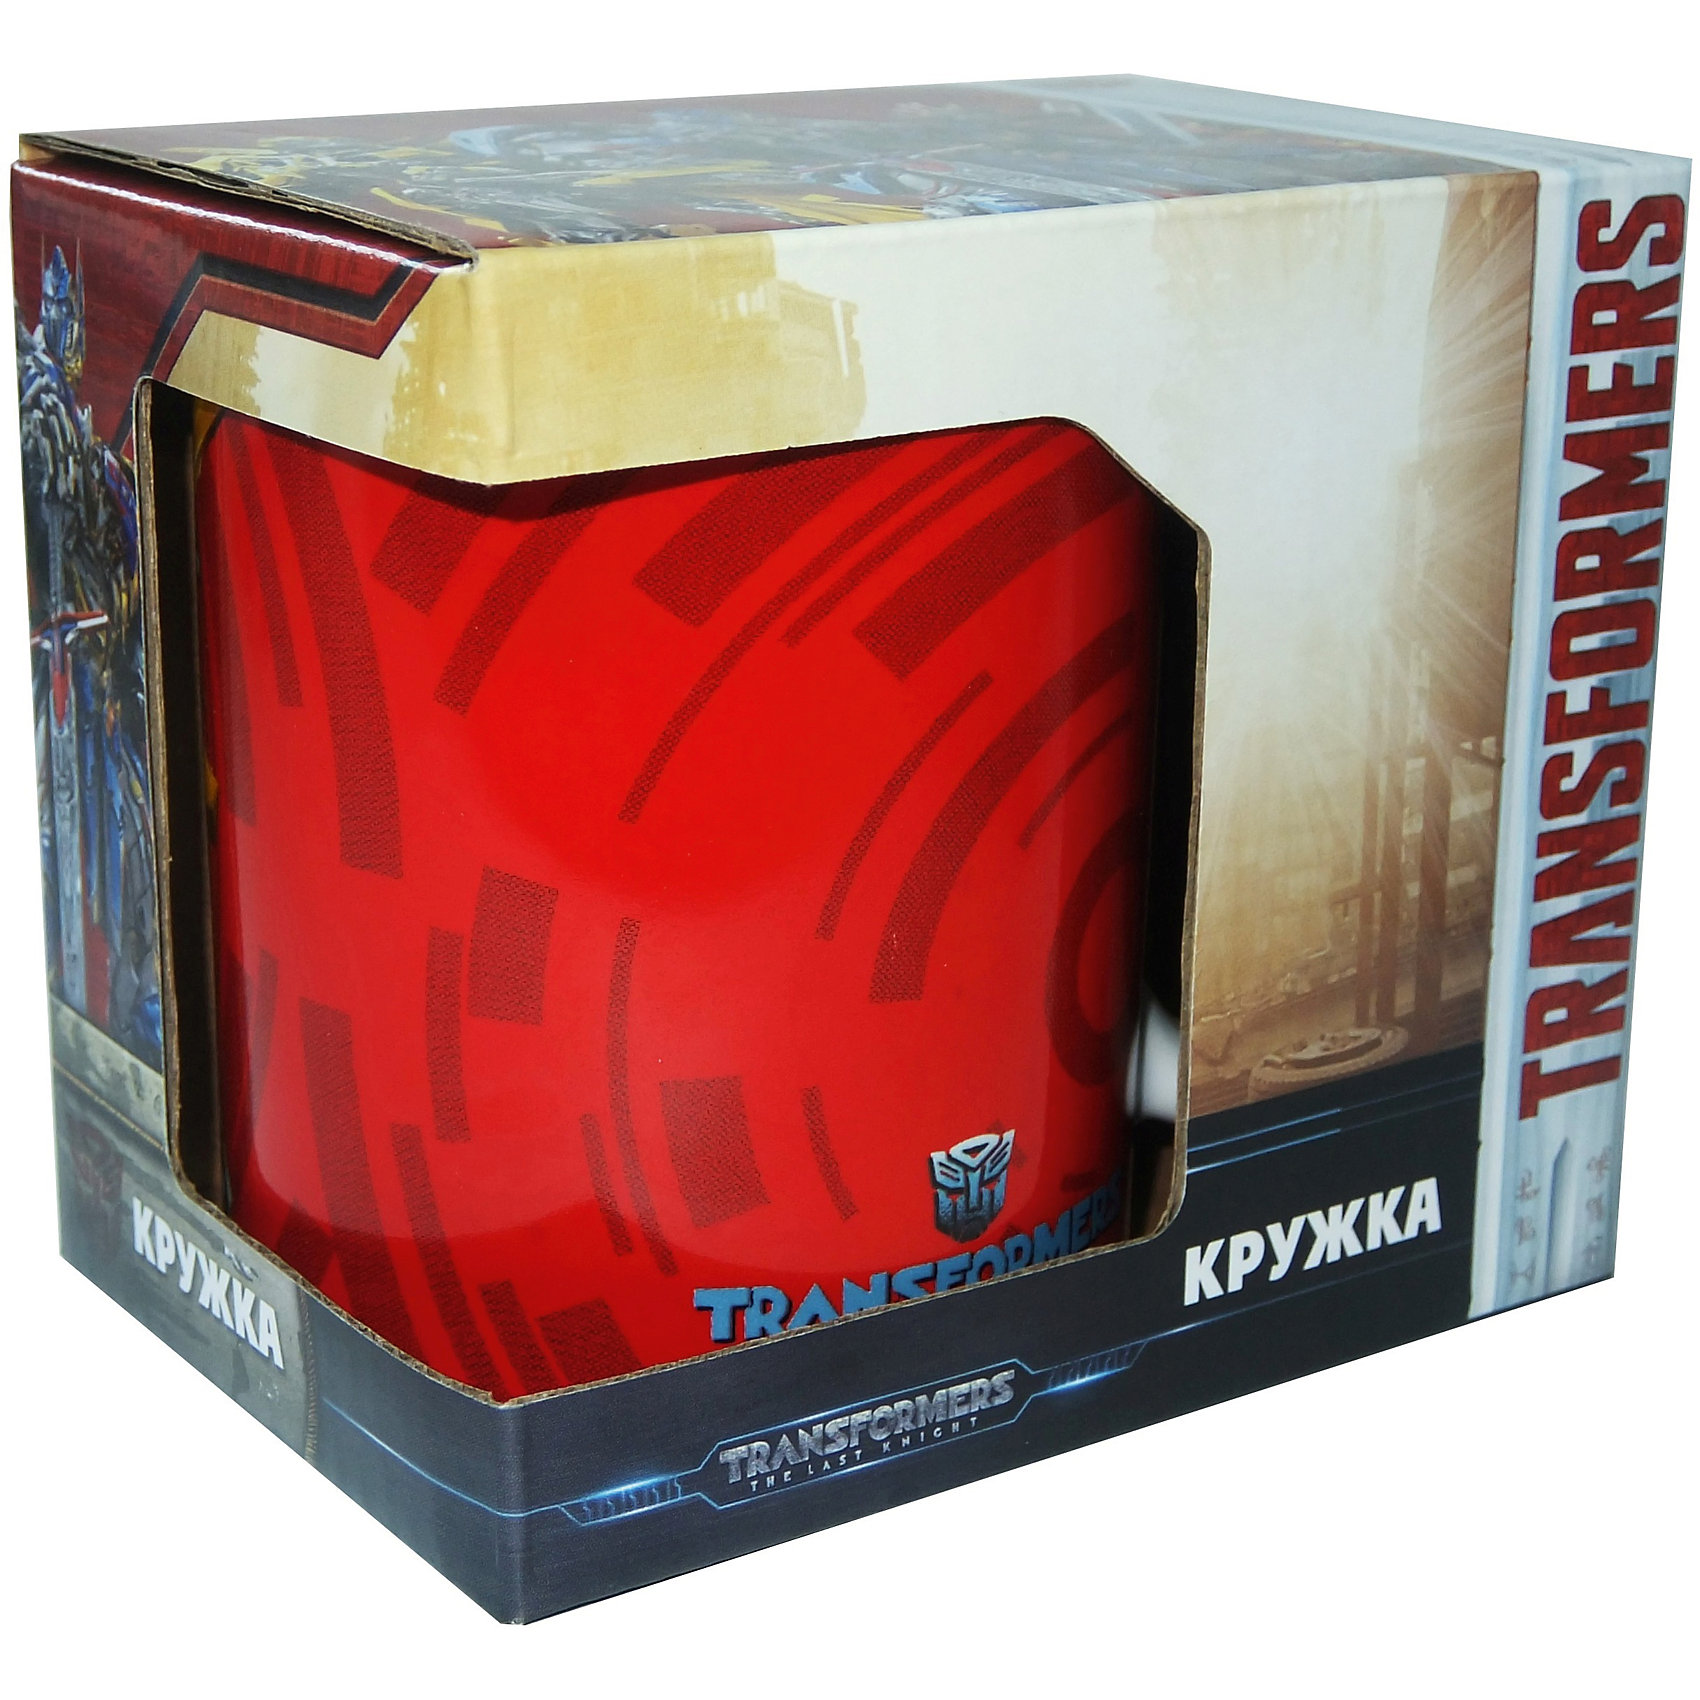 Кружка Transformers Последний рыцарь. Бамблби в подарочной упаковке, 350 мл.Детская посуда<br>Характеристики:<br><br>• Материал: керамика<br>• Тематика рисунка: Трансформеры<br>• Можно использовать для горячих и холодных напитков<br>• Упаковка: подарочная картонная коробка<br>• Объем: 350 мл<br>• Вес: 360 г<br>• Размеры (Д*Ш*В): 12*8,2*9,5 см<br>• Особенности ухода: можно мыть в посудомоечной машине<br><br>Кружка Transformers Последний рыцарь. Бамблби в подарочной упаковке, 350 мл. выполнена в стильном дизайне: на красный корпус нанесено изображение героя популярного мультсериала Трансформеры – Бамблби. Изображение детально отражает облик экранного прототипа, устойчиво к появлению царапин, не выцветает при частом мытье. <br><br>Кружку Transformers Последний рыцарь. Бамблби в подарочной упаковке, 350 мл. можно купить в нашем интернет-магазине.<br><br>Ширина мм: 120<br>Глубина мм: 82<br>Высота мм: 95<br>Вес г: 360<br>Возраст от месяцев: 36<br>Возраст до месяцев: 1188<br>Пол: Мужской<br>Возраст: Детский<br>SKU: 6849964